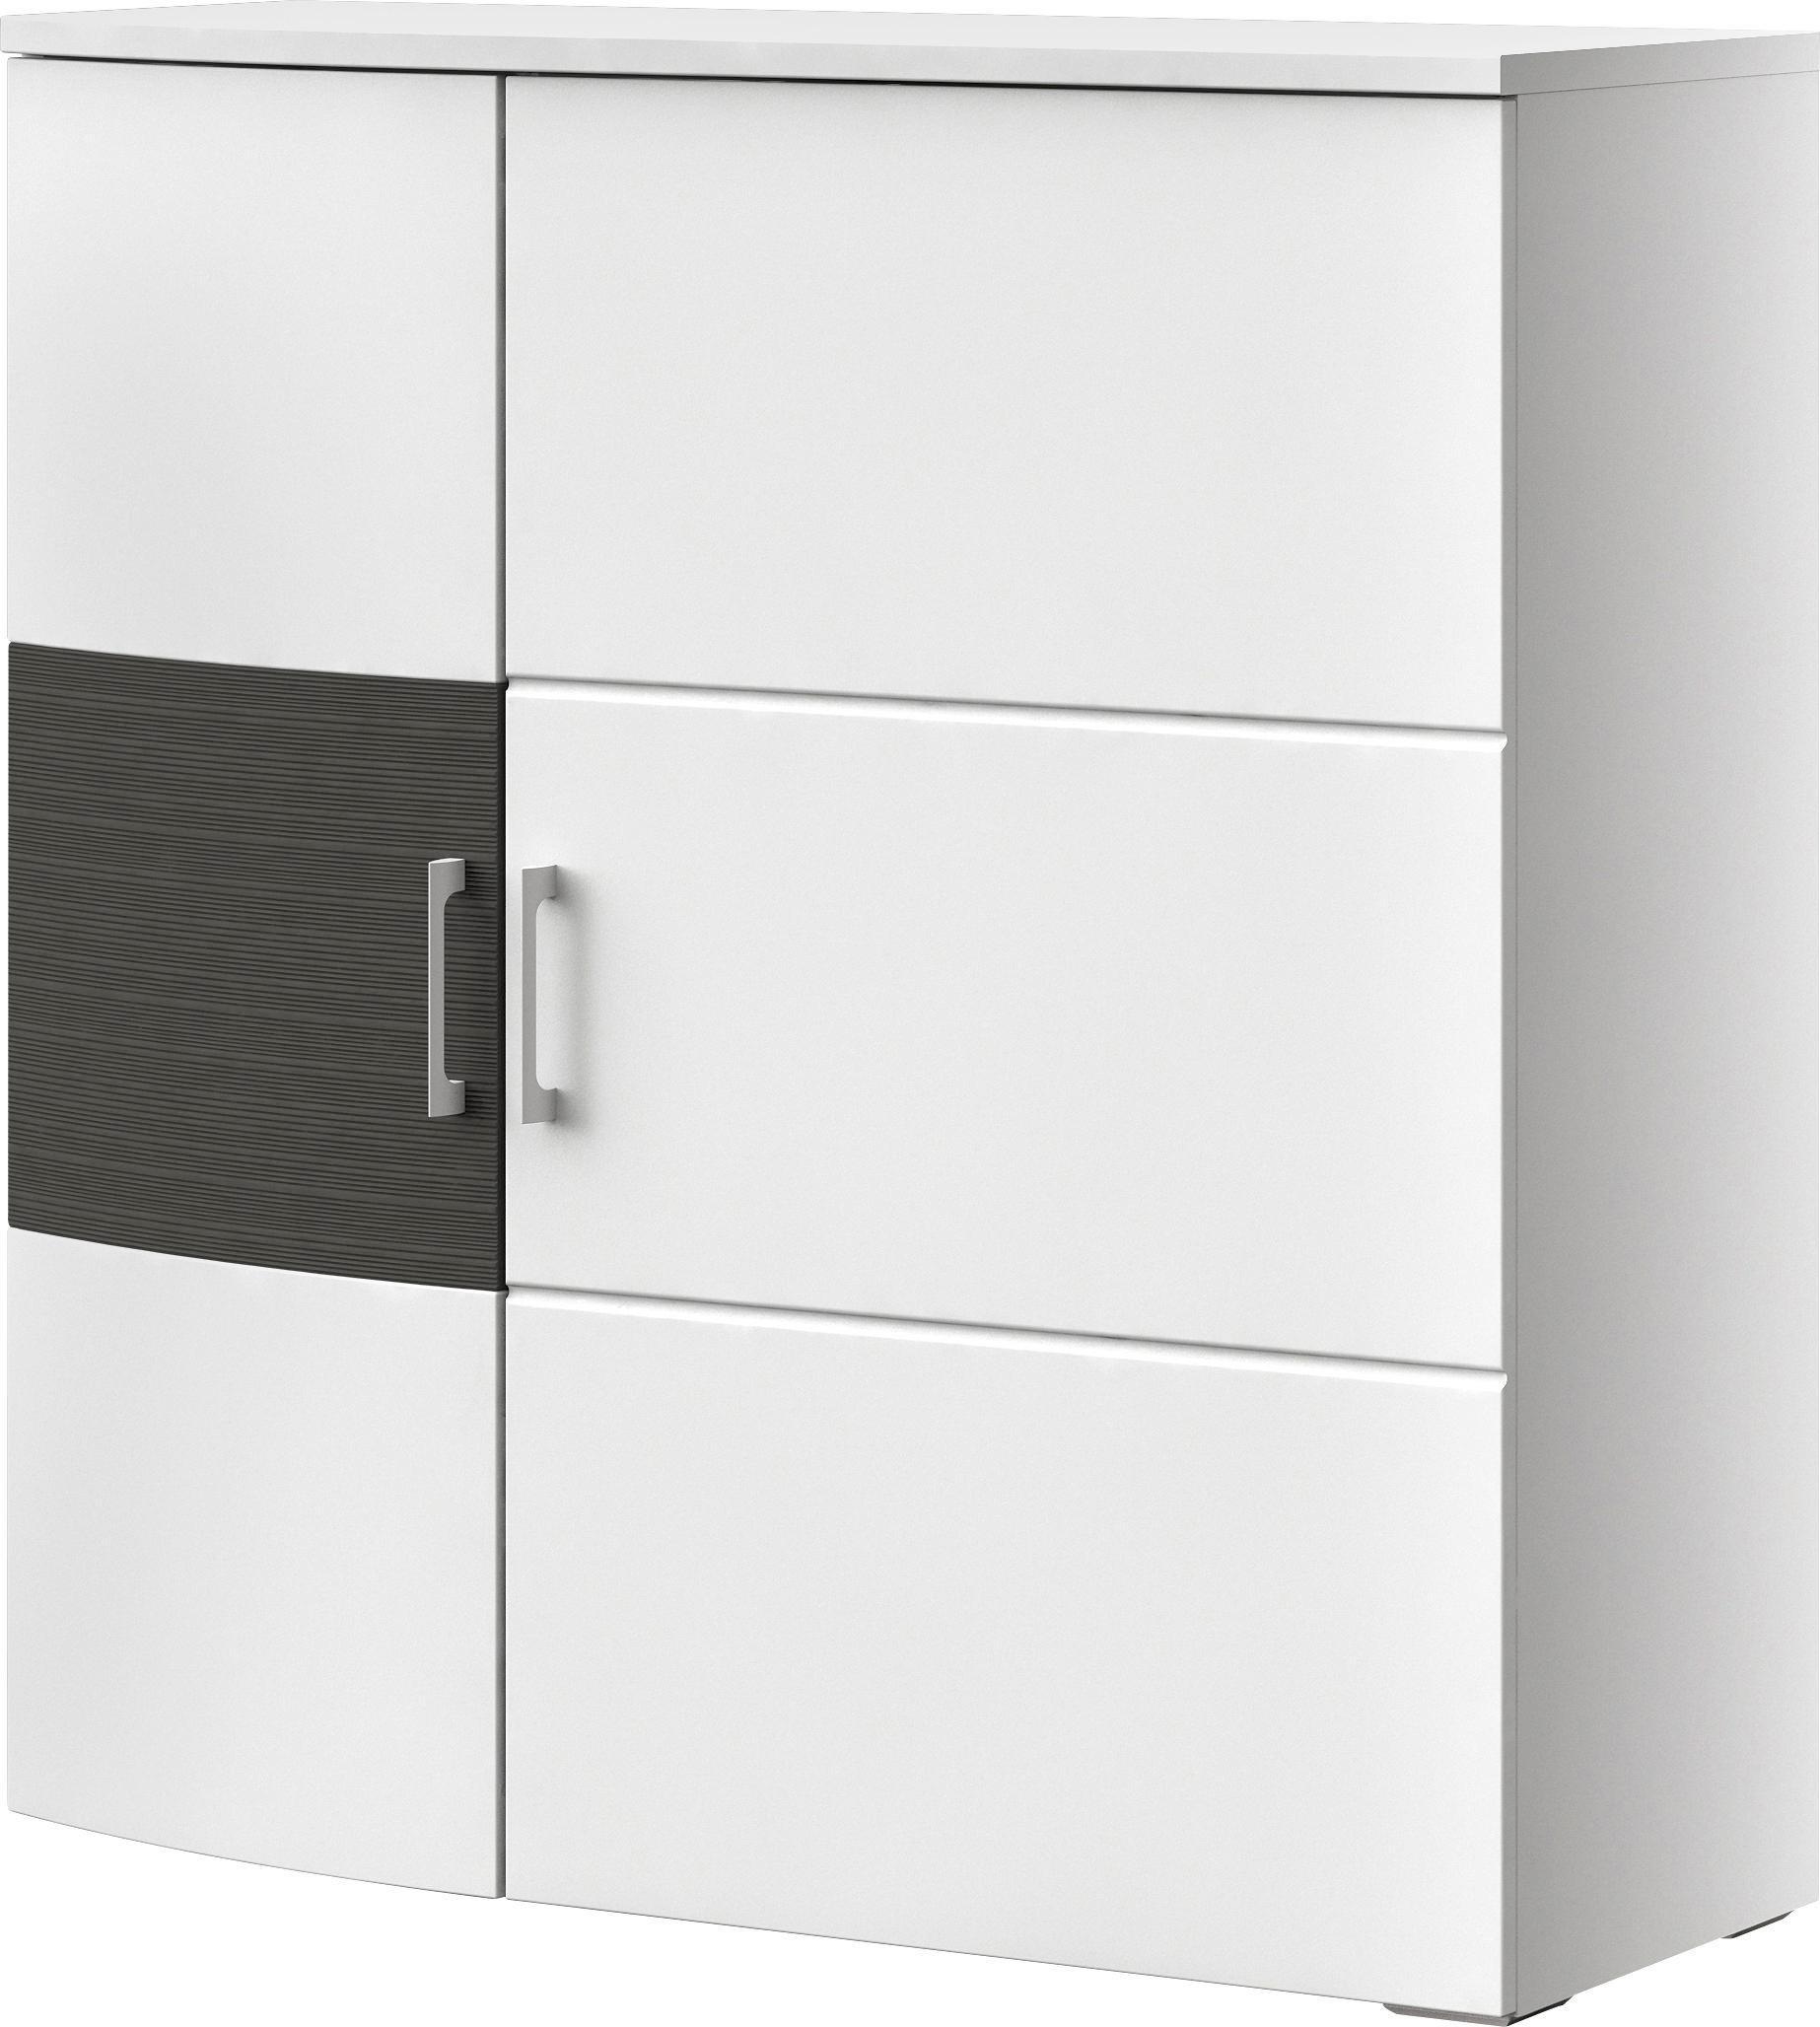 KOMMODE Graphitfarben, Weiß - Chromfarben/Graphitfarben, MODERN, Holzwerkstoff/Kunststoff (105/104,9/40cm) - XORA